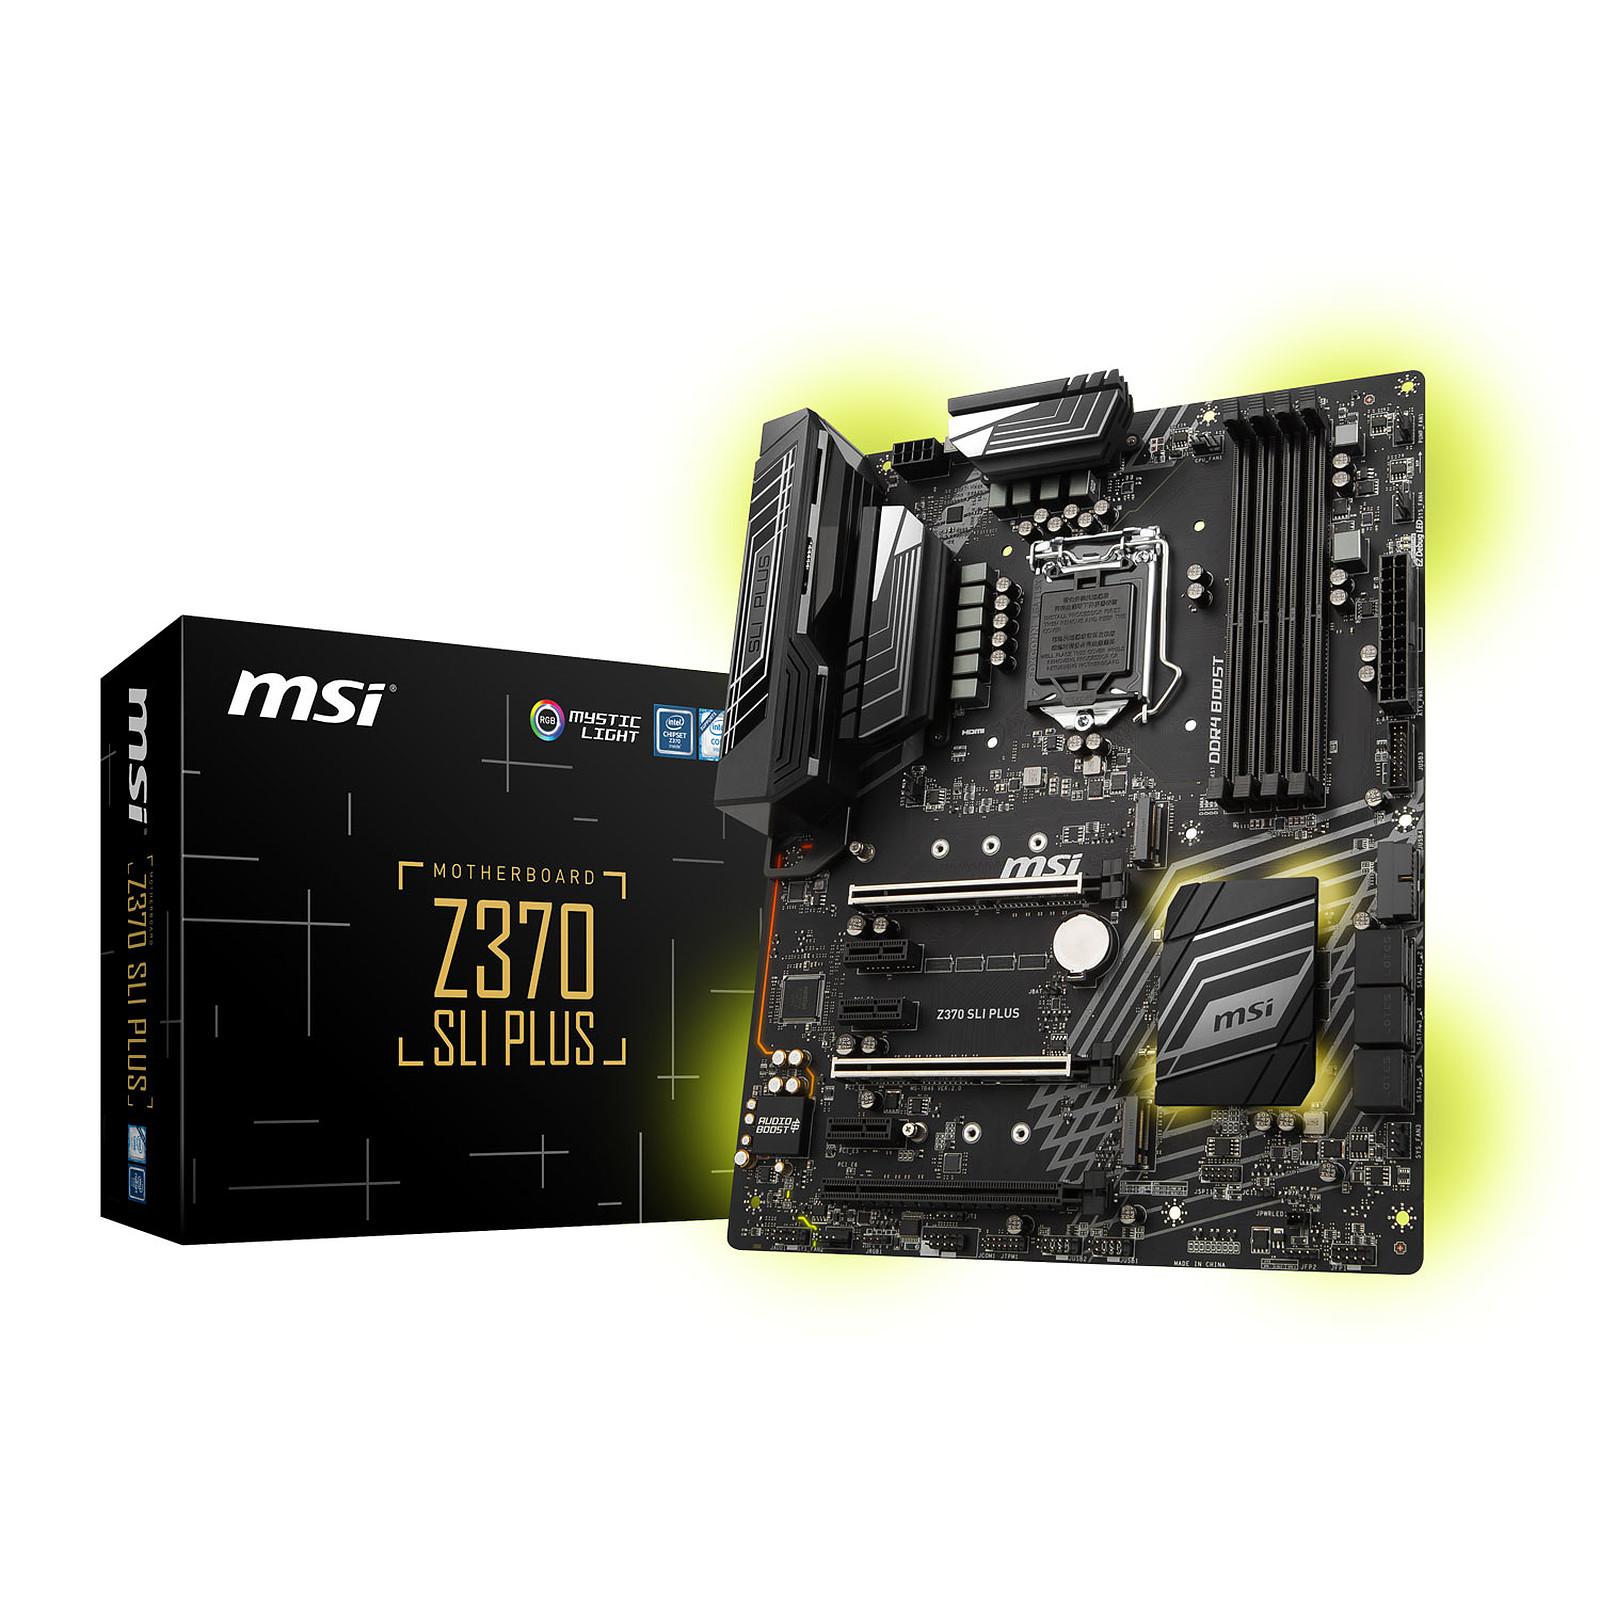 MSI Z370 SLI PLUS